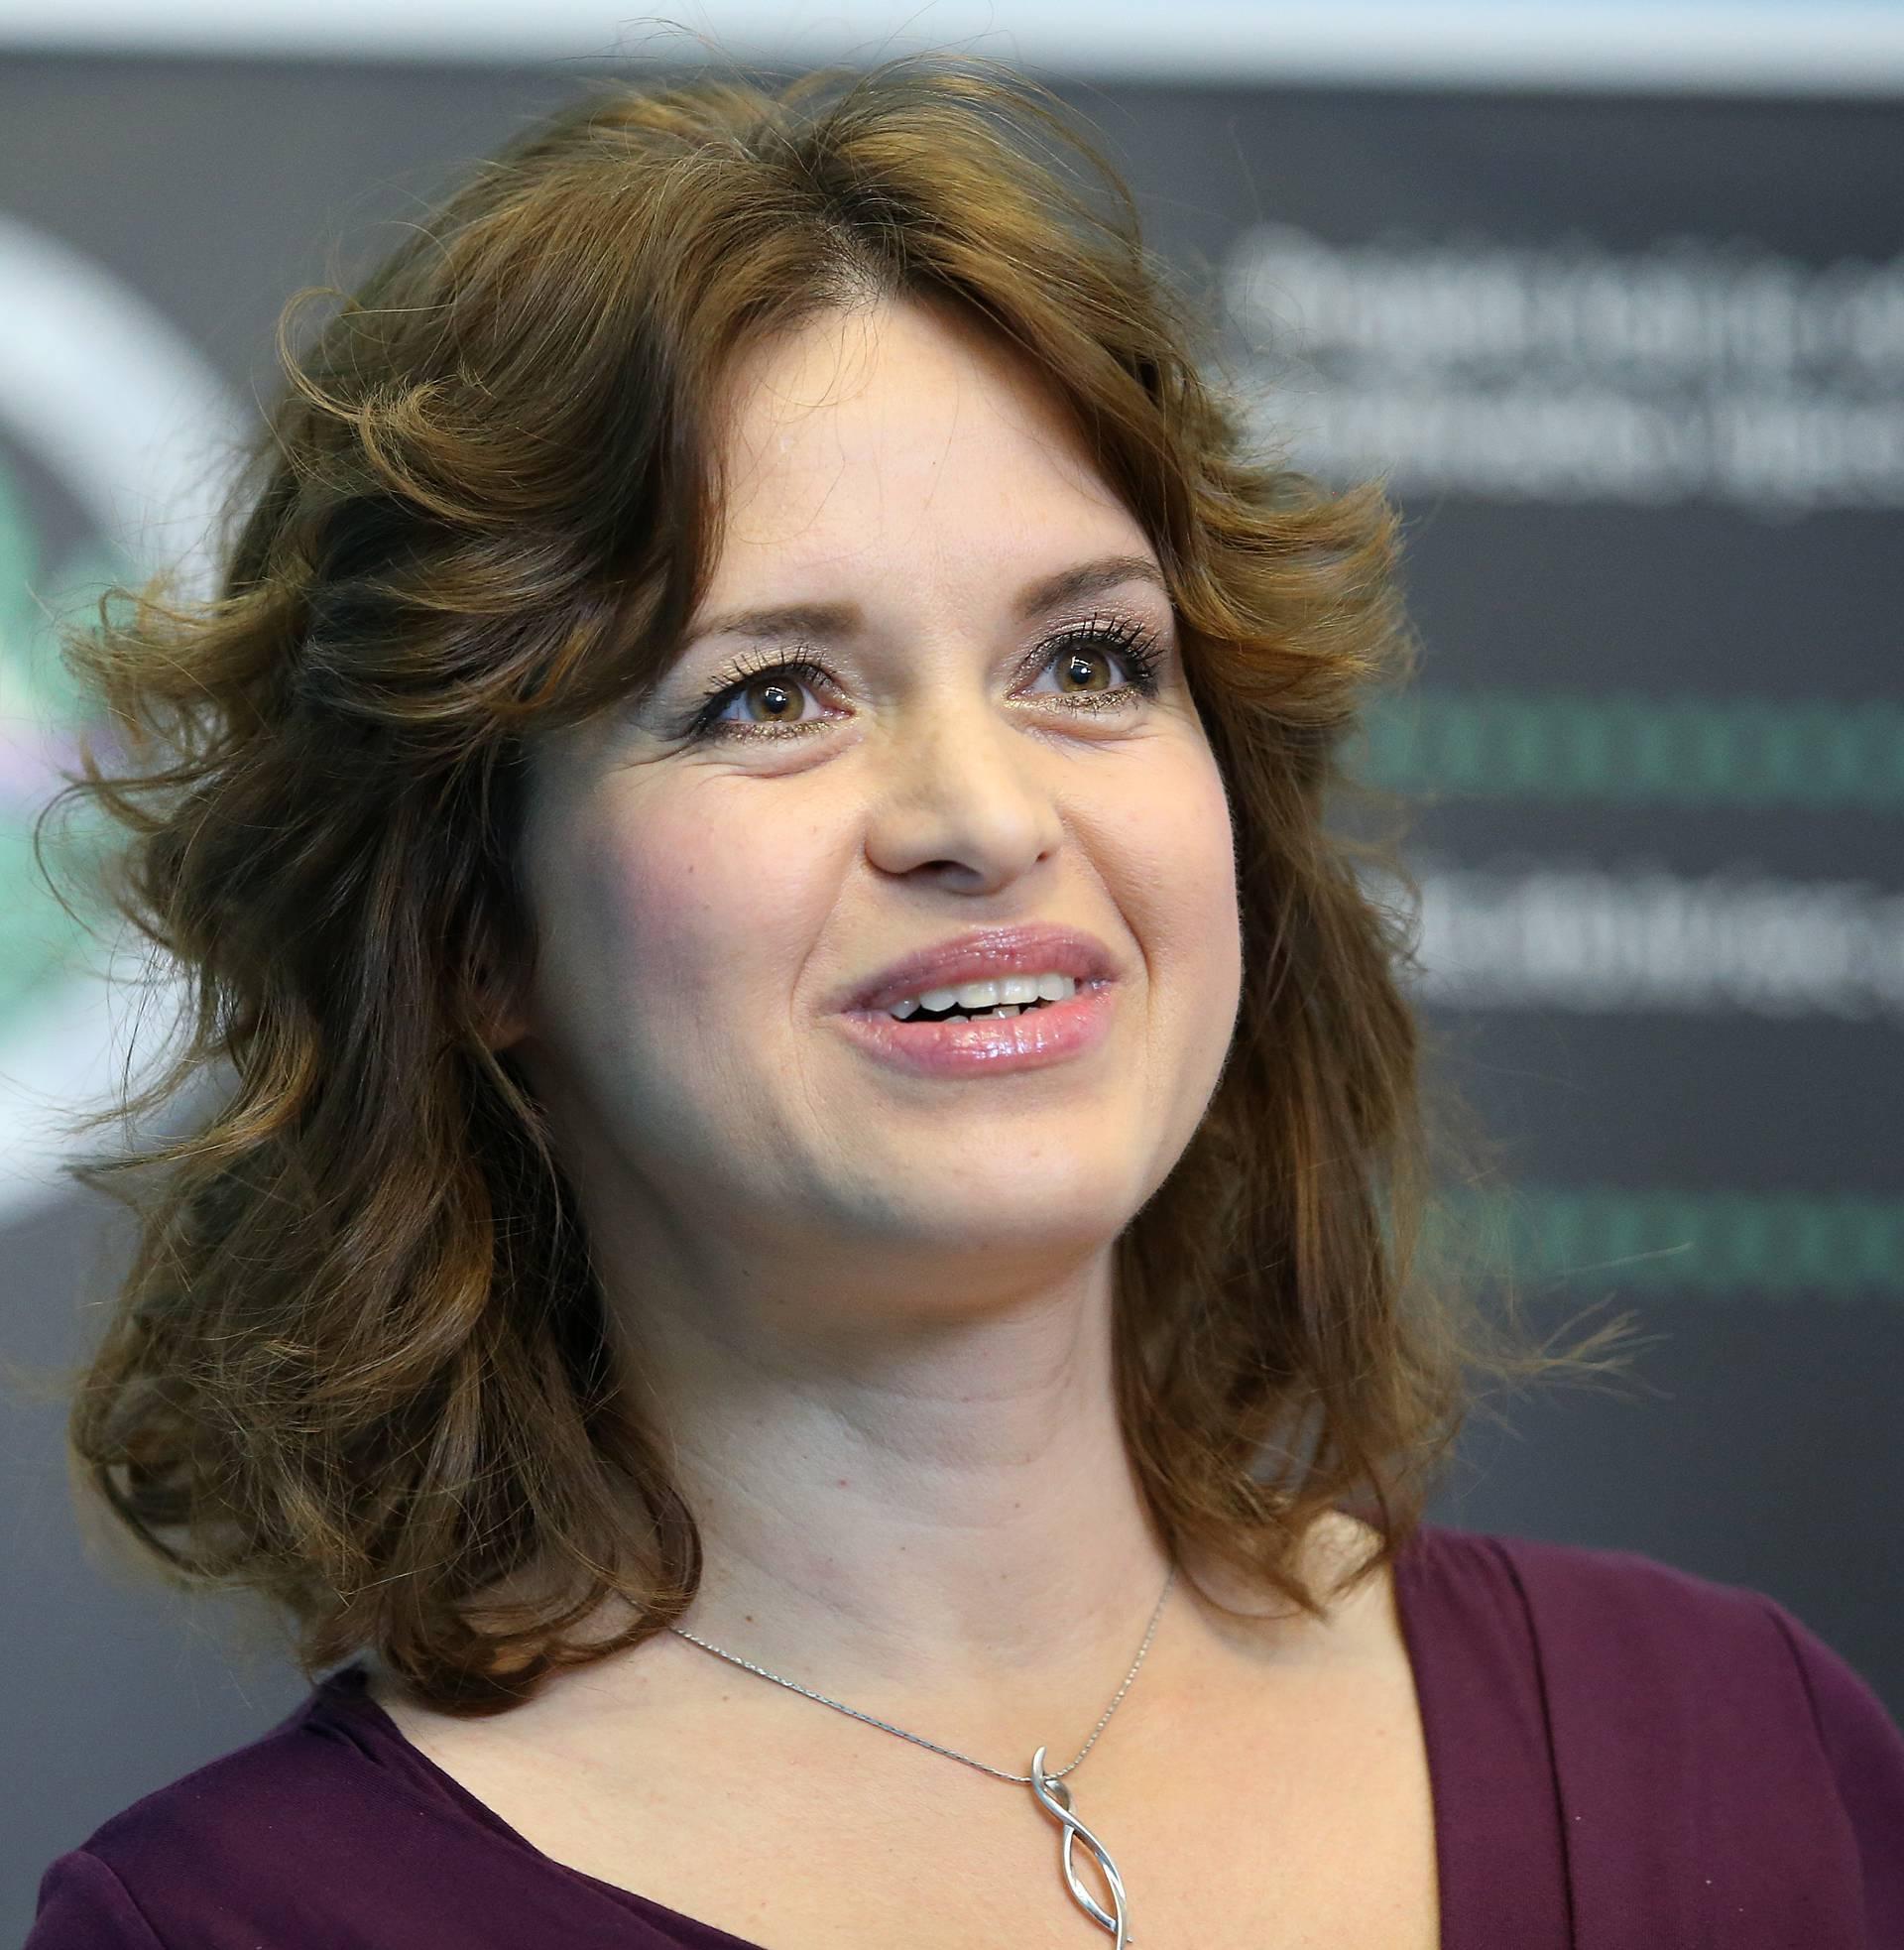 Hrvatica Iva Tolić dobila veliko priznanje za otkrića u znanosti